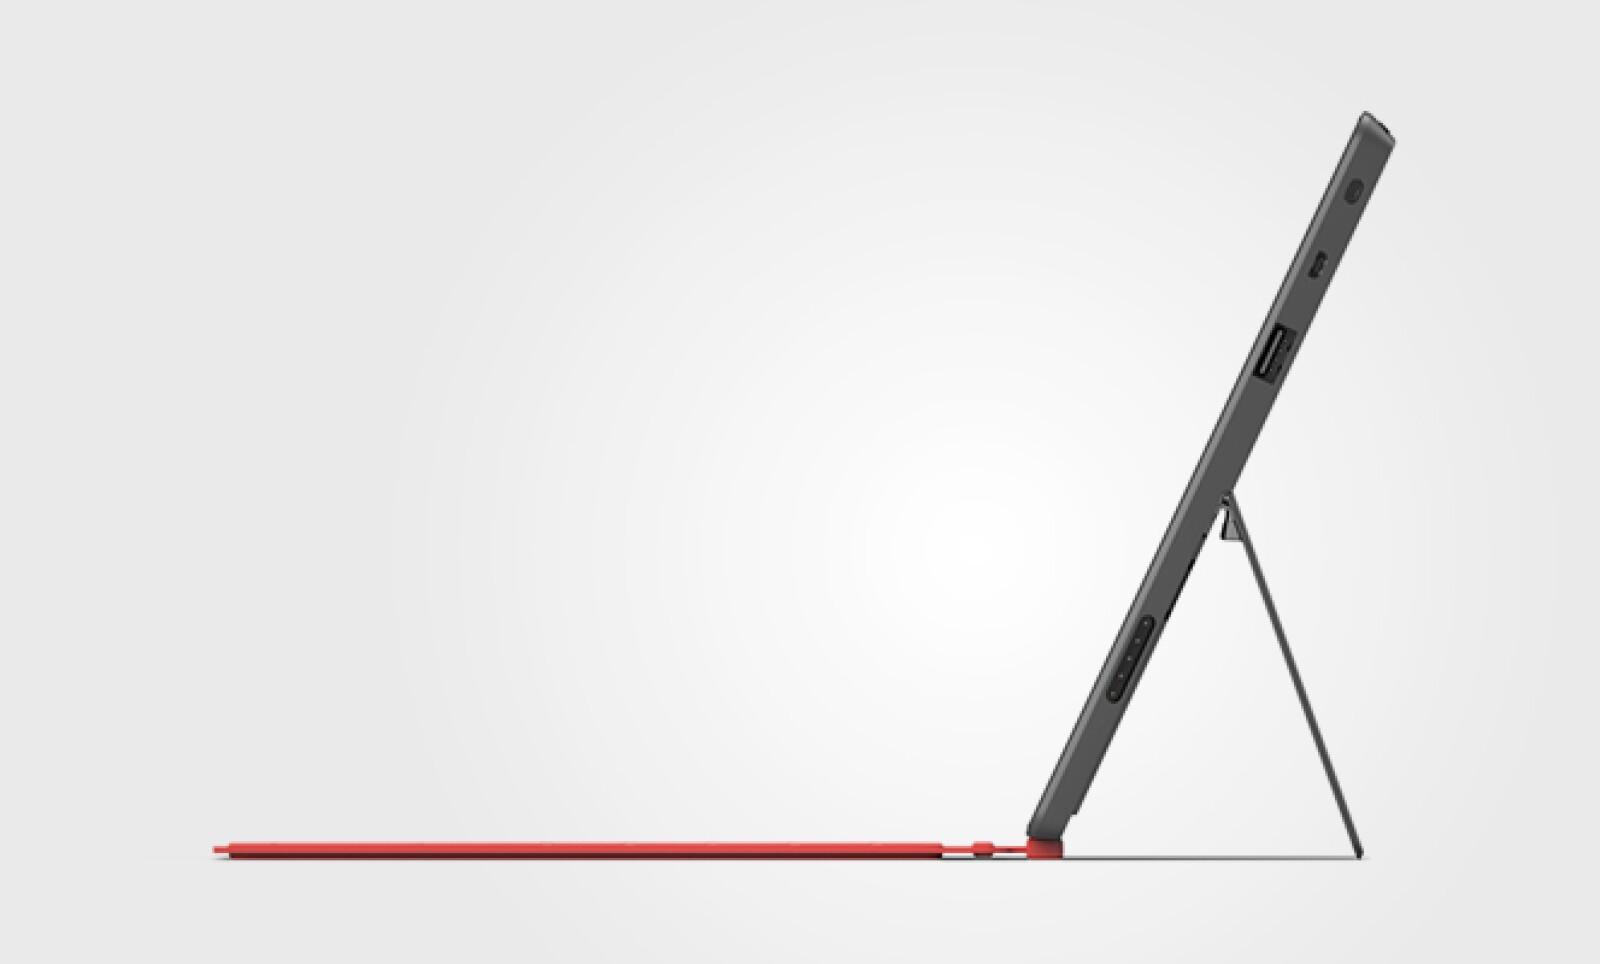 Surface cuenta con un soporte que tiene un grosor de 0.7 mm, con el que la 'tablet' se mantendrá estable en una superficie.